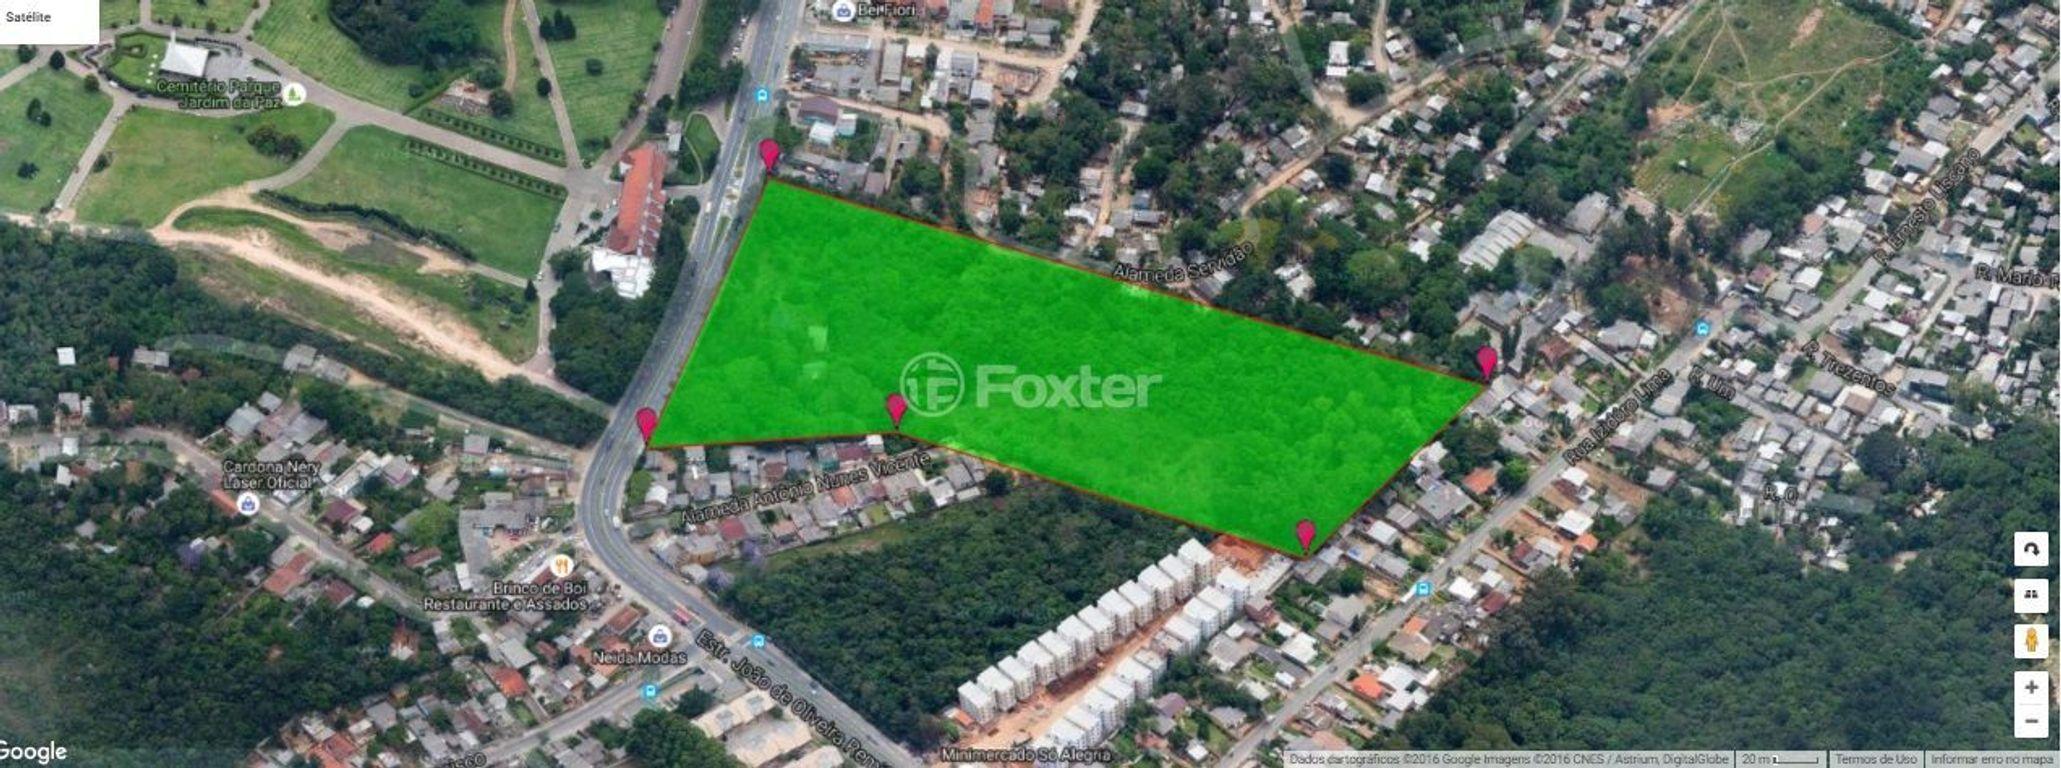 Foxter Imobiliária - Terreno, Agronomia (148698)